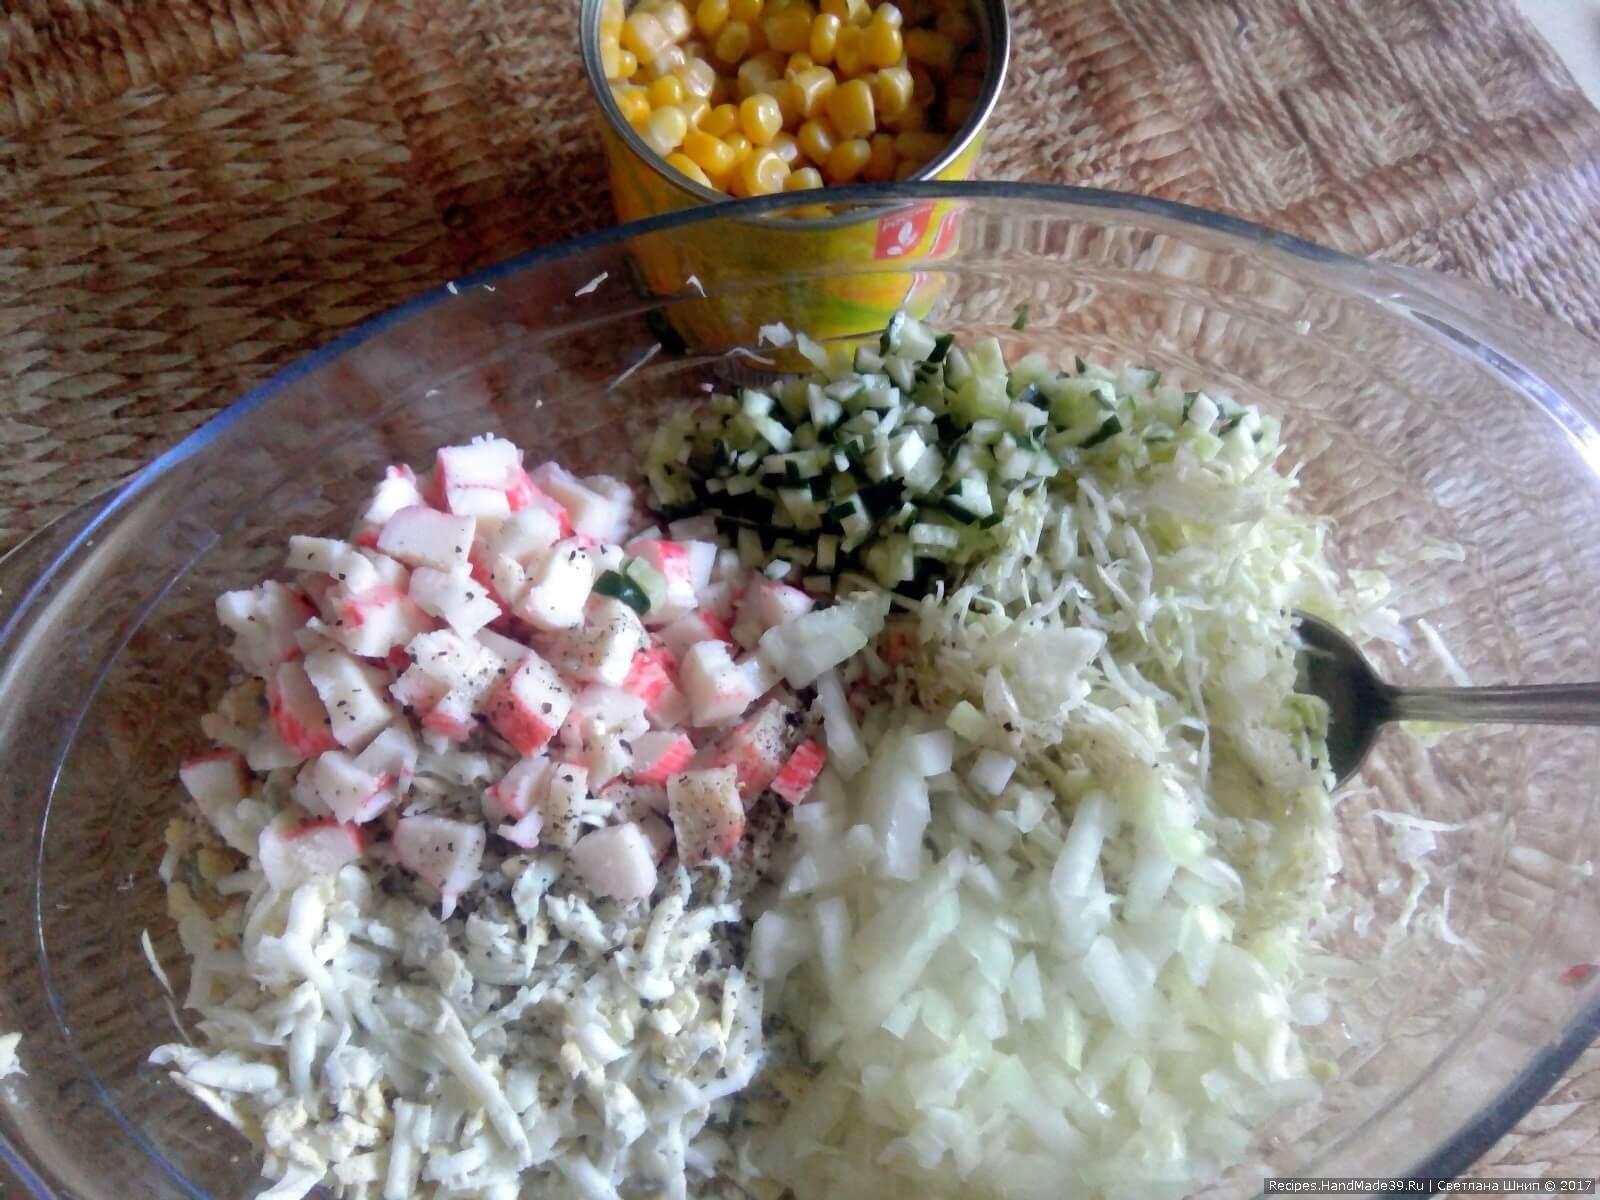 Перемешать капусту, крабовые палочки, огурец, яйца и лук. Кукурузу не добавлять! Она будет только сверху «початка»